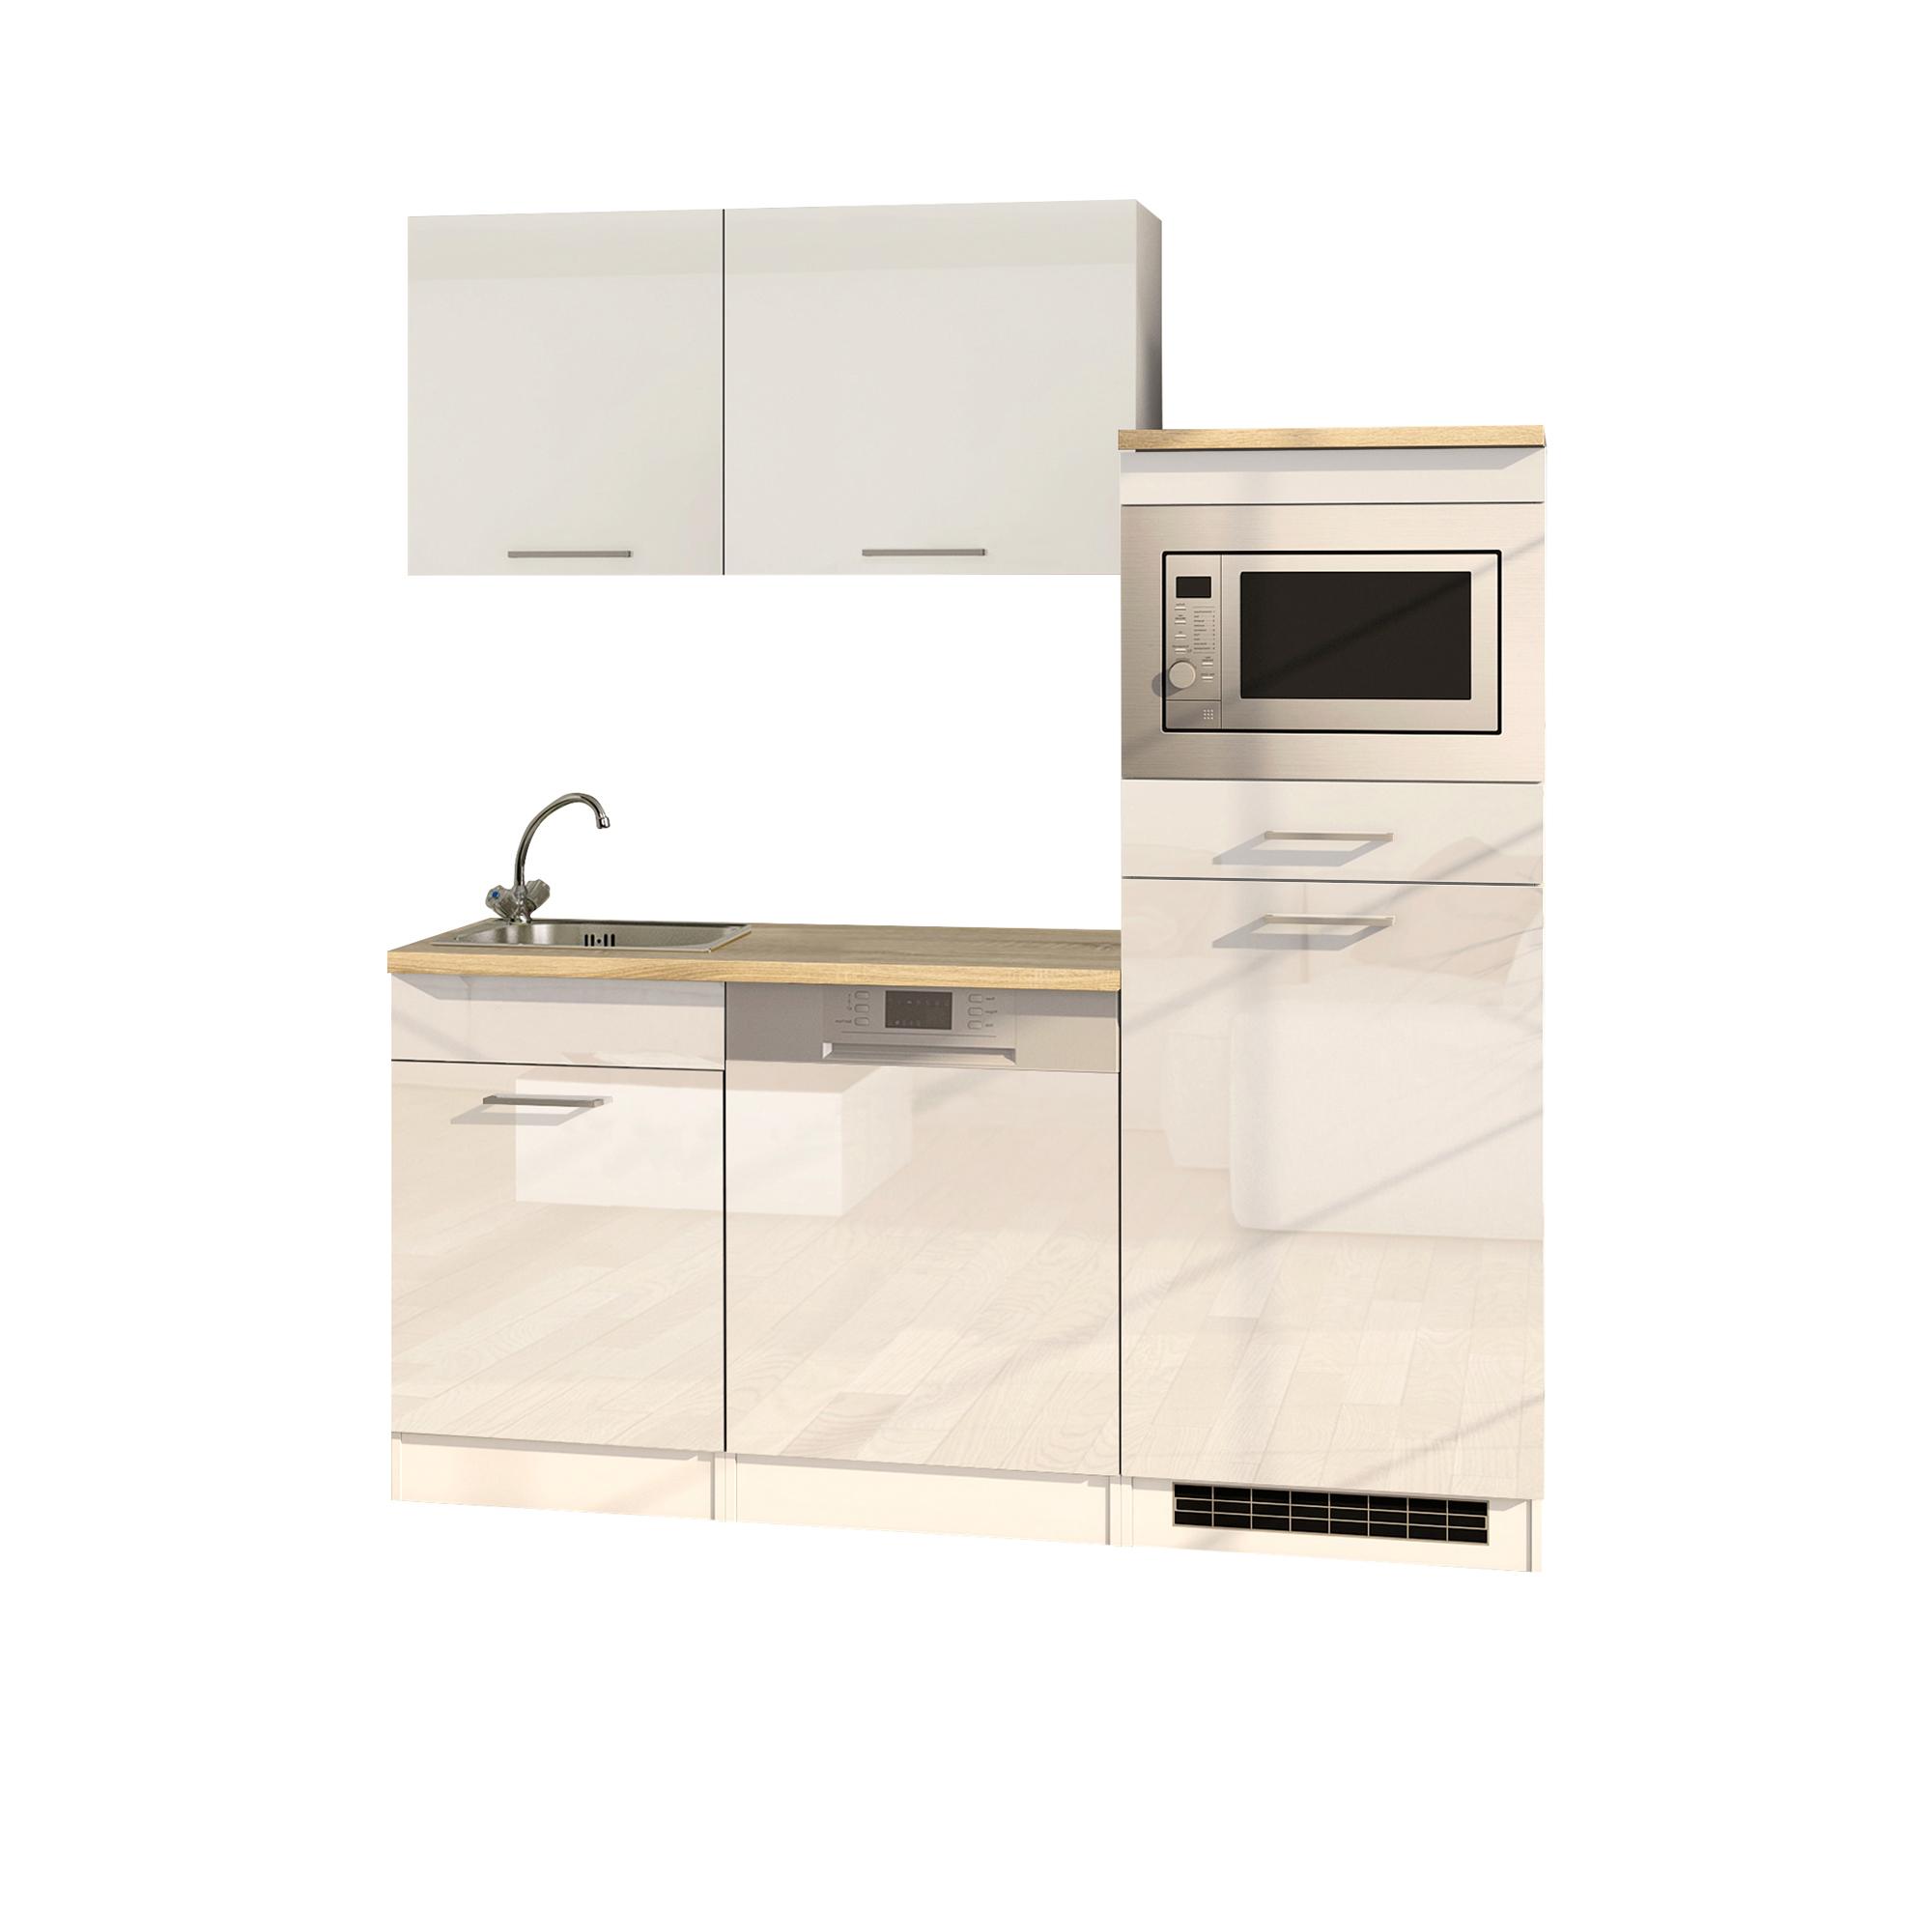 Full Size of Ikea Värde Büroküche Büroküche Mit Geschirrspüler Büroküche Ebay Kleinanzeigen Büro Küche Möbel Küche Büroküche